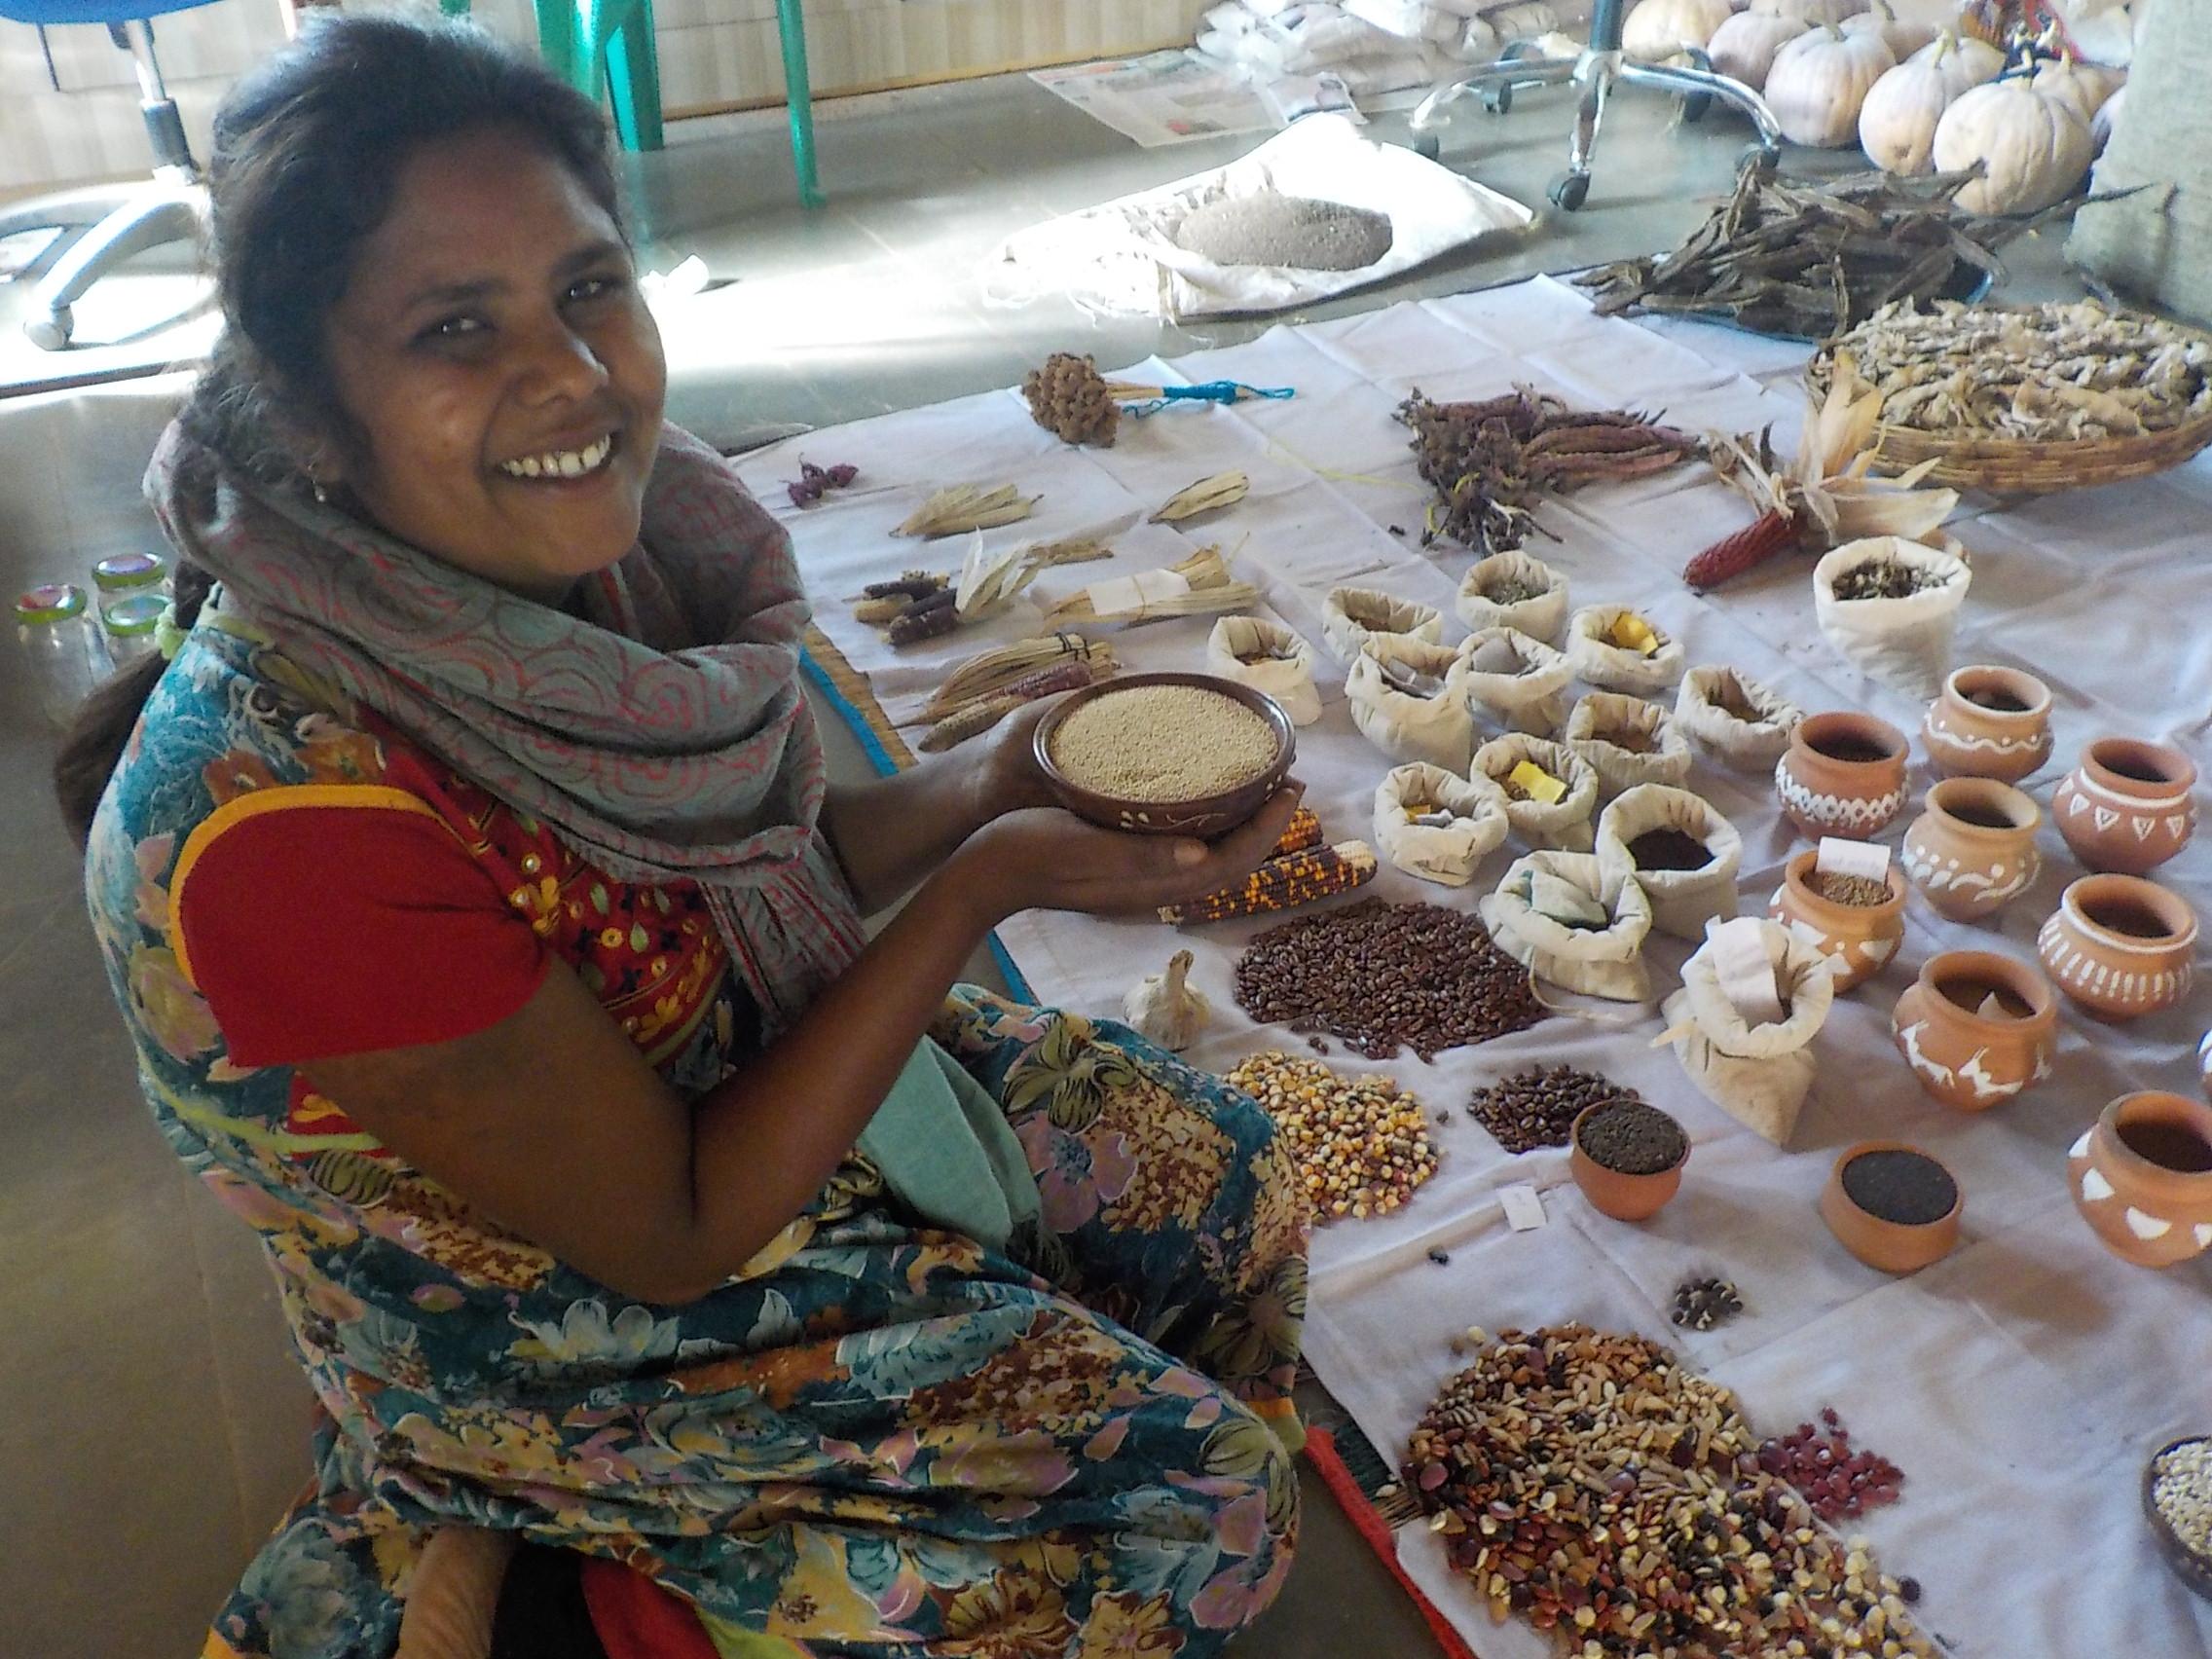 Lur eta Murmur: El movimiento campesino en India